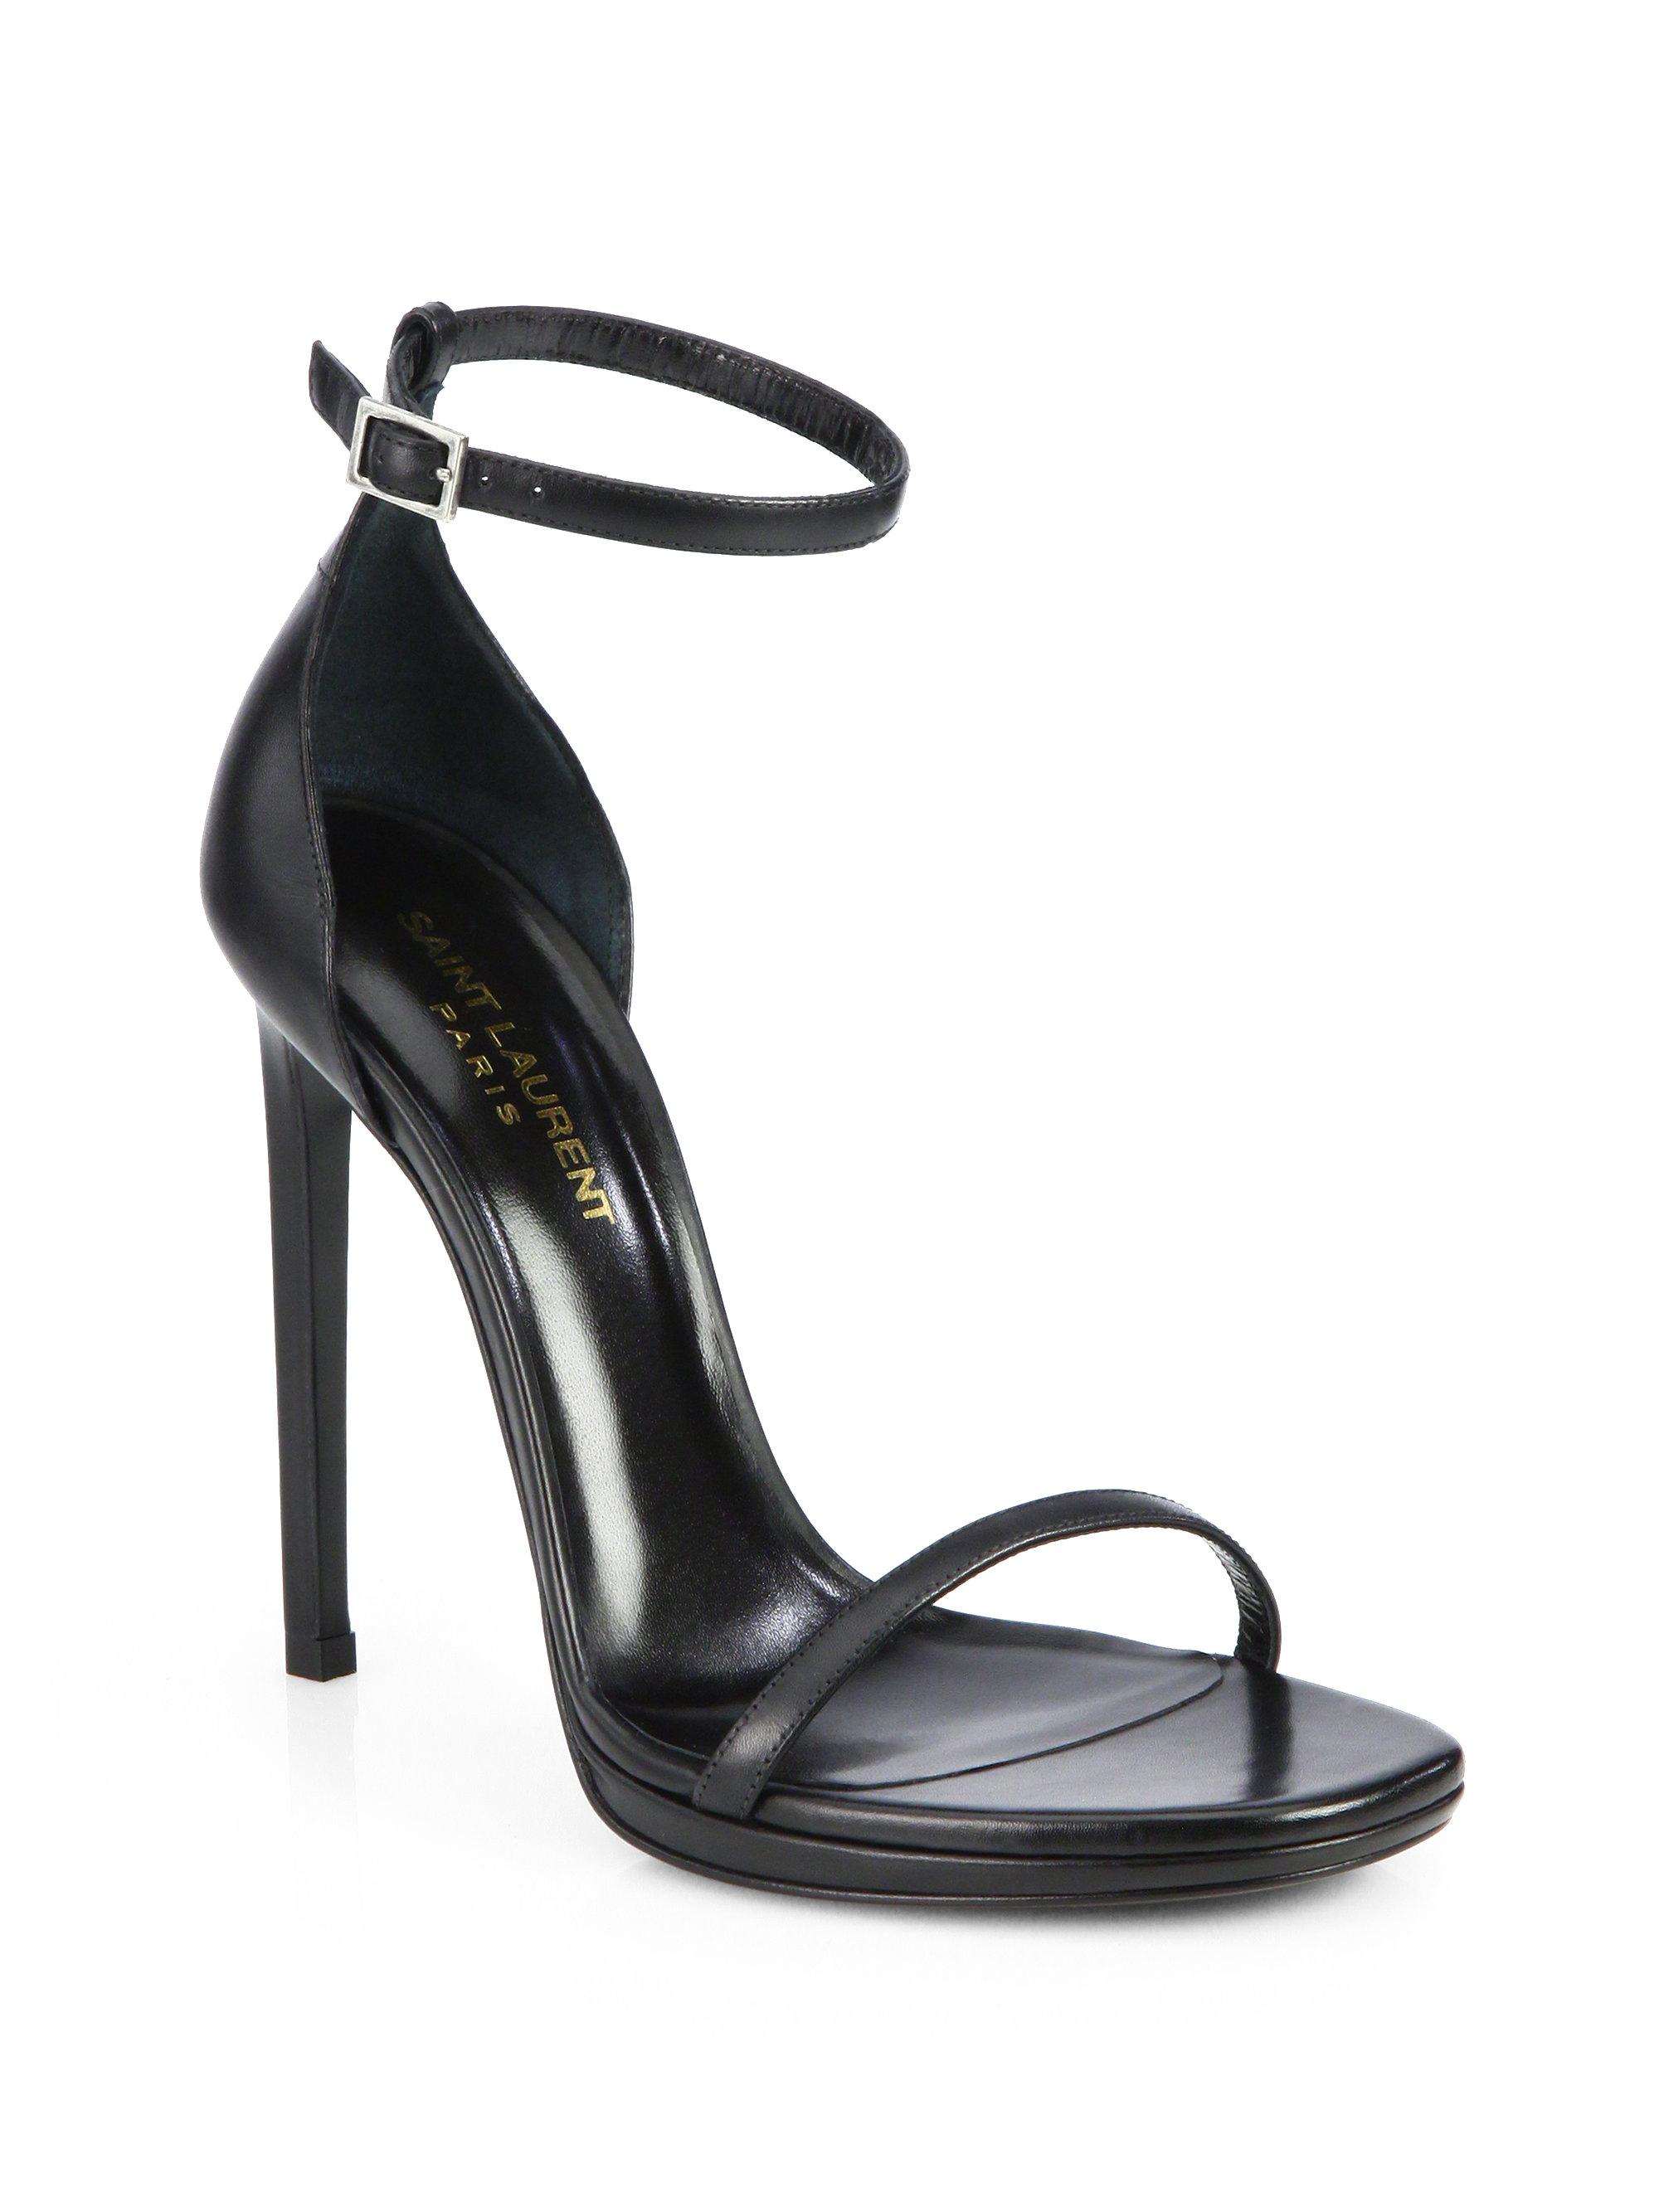 New Styles Online Official Online Jane 105 sandals - Black Saint Laurent Shop Cheap Price LrfLDv